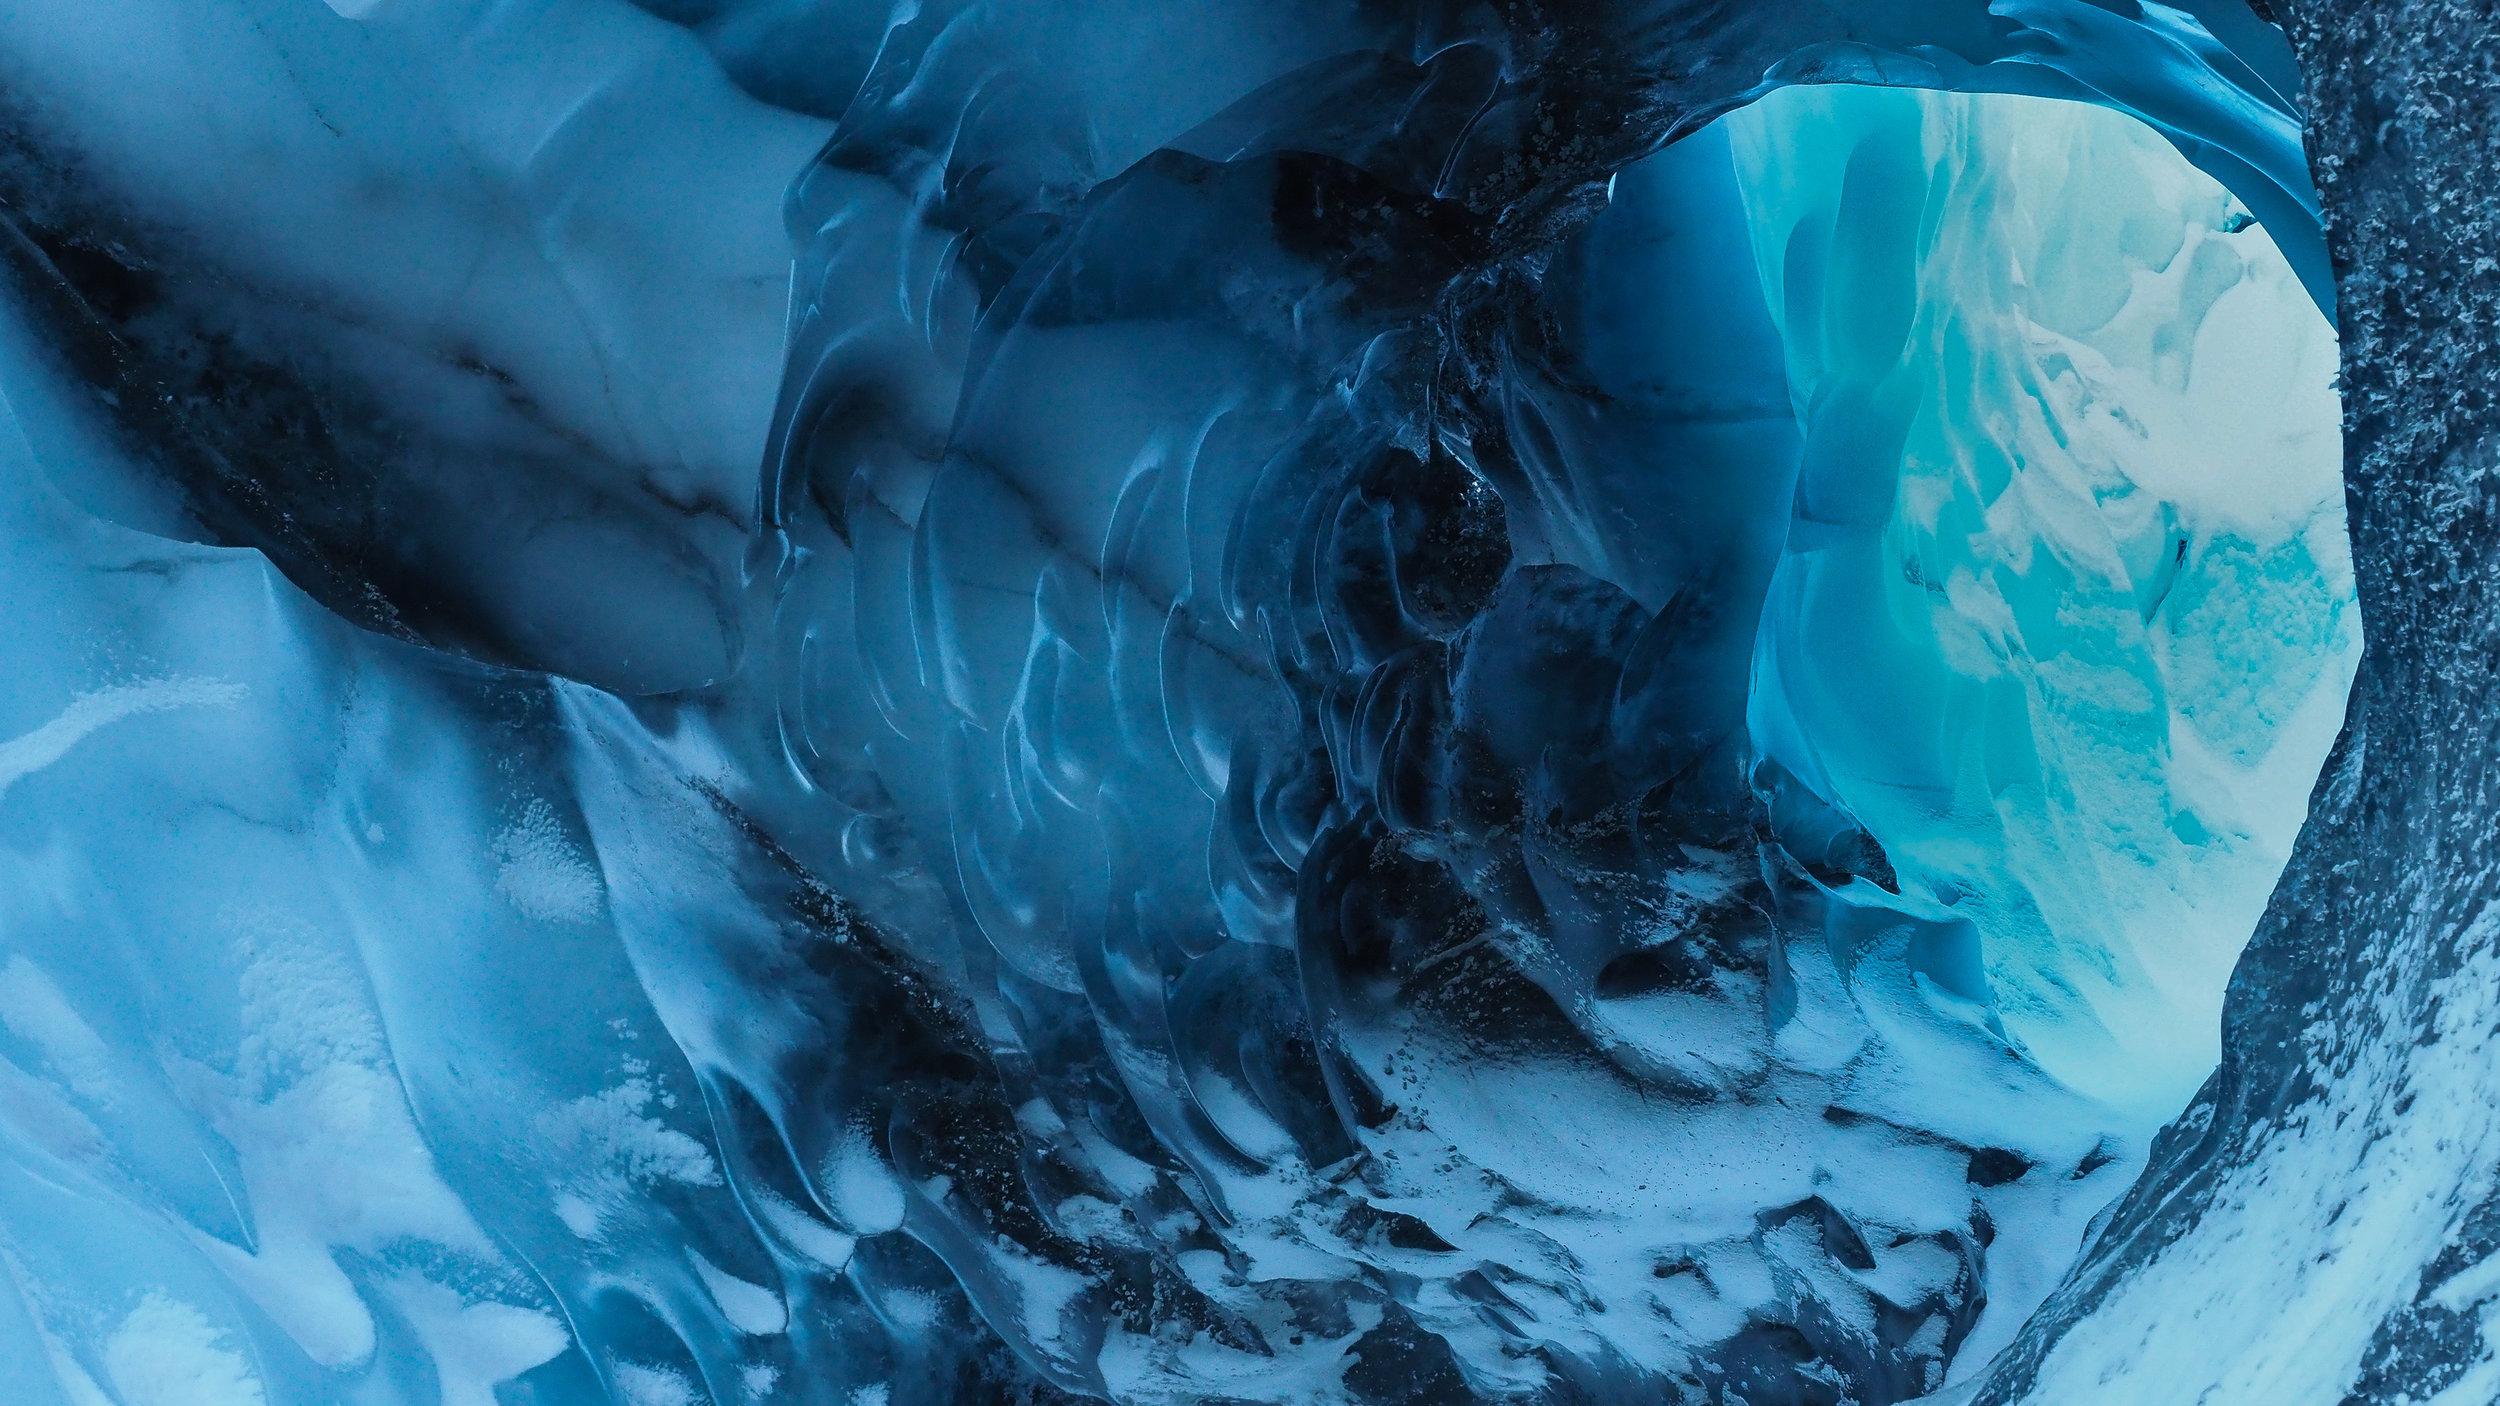 2016-12-01 Alaska_PC011197.jpg